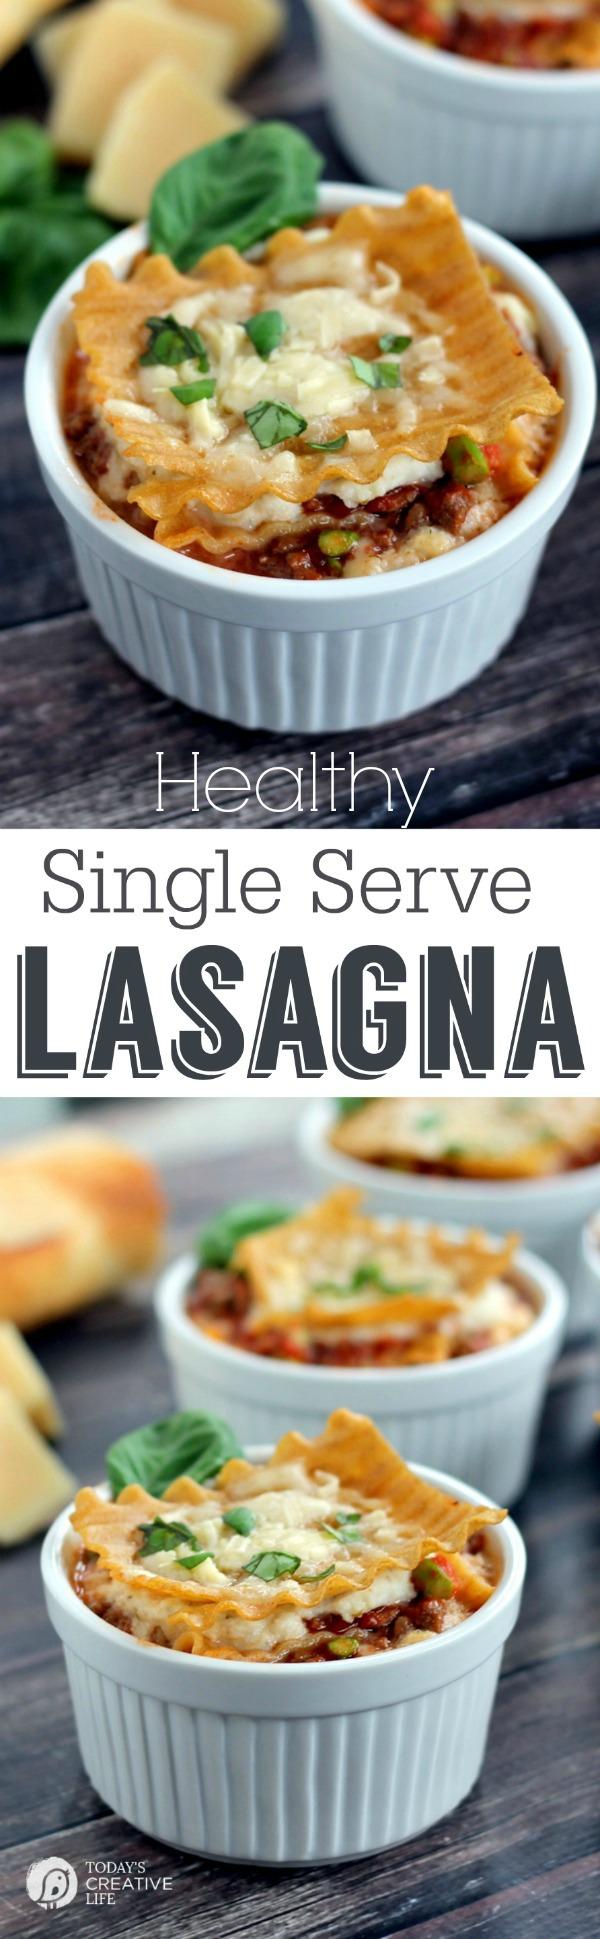 Single Serve Healthy Lasagna   25+ Lasagna Recipes